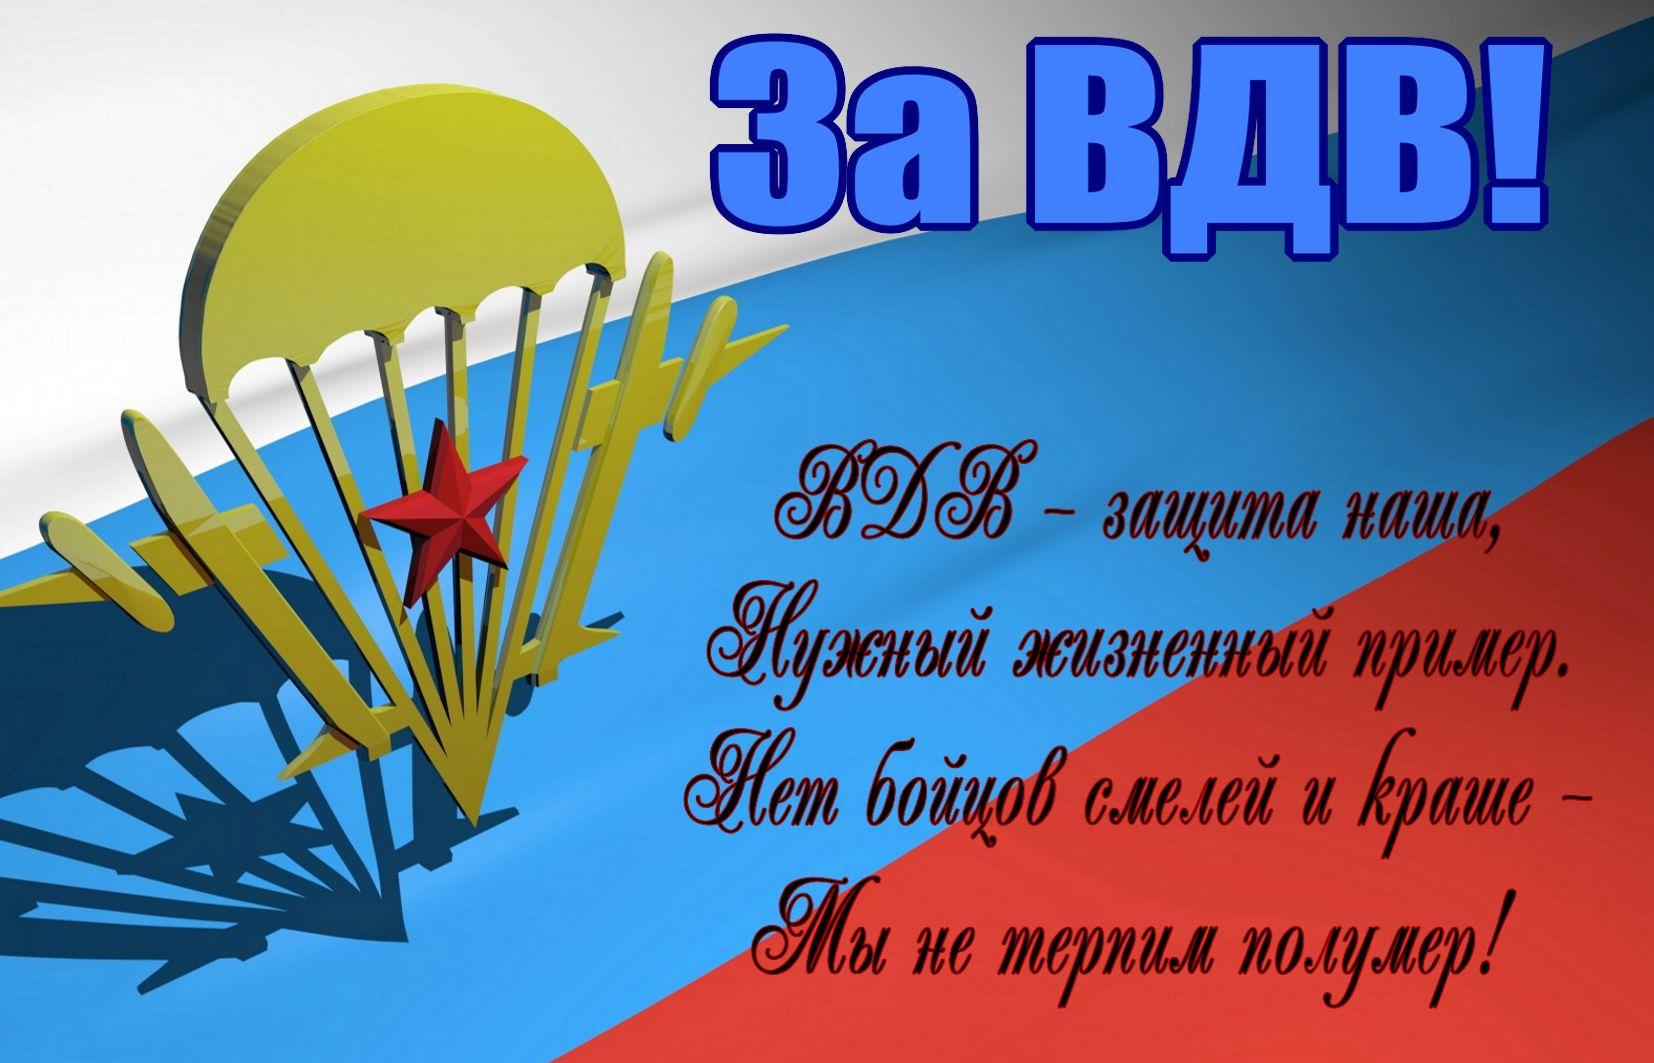 Открытка на День ВДВ - эмблема ВДВ на фоне флага России